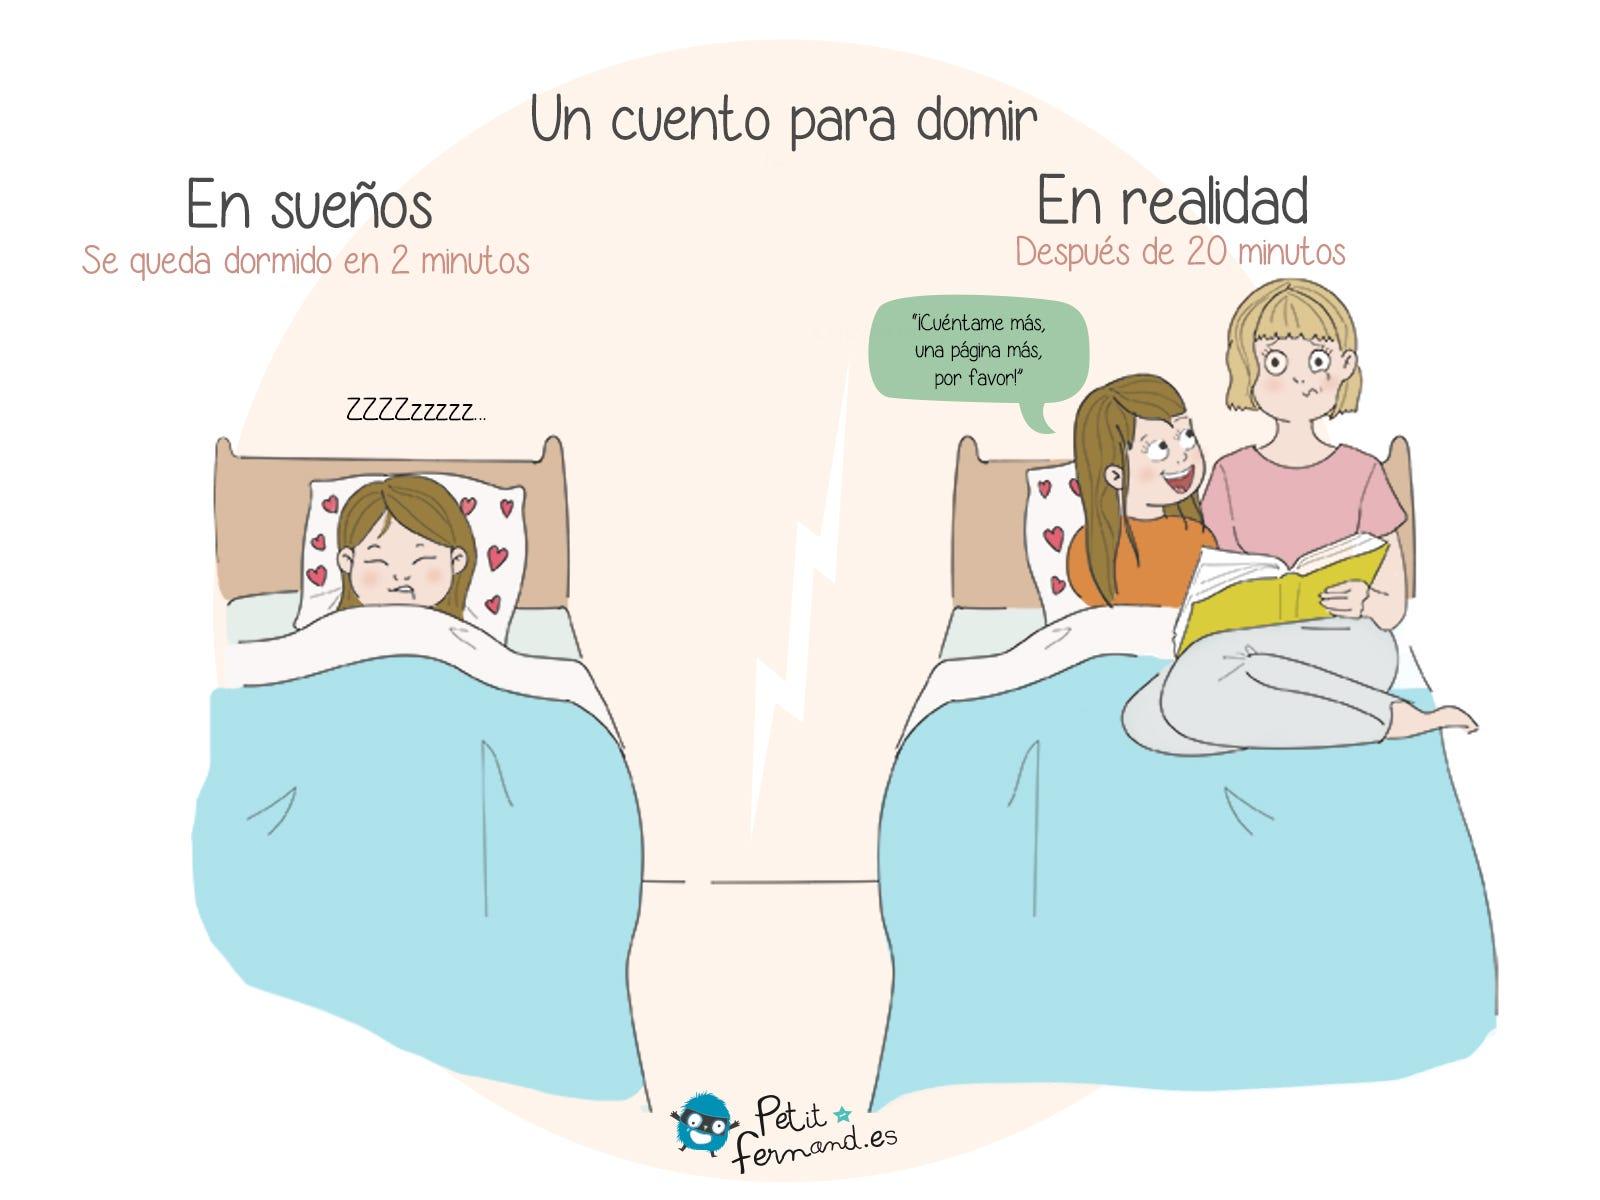 ¡Todos los padres saben que el famoso cuento para dormir puede durar mucho tiempo!